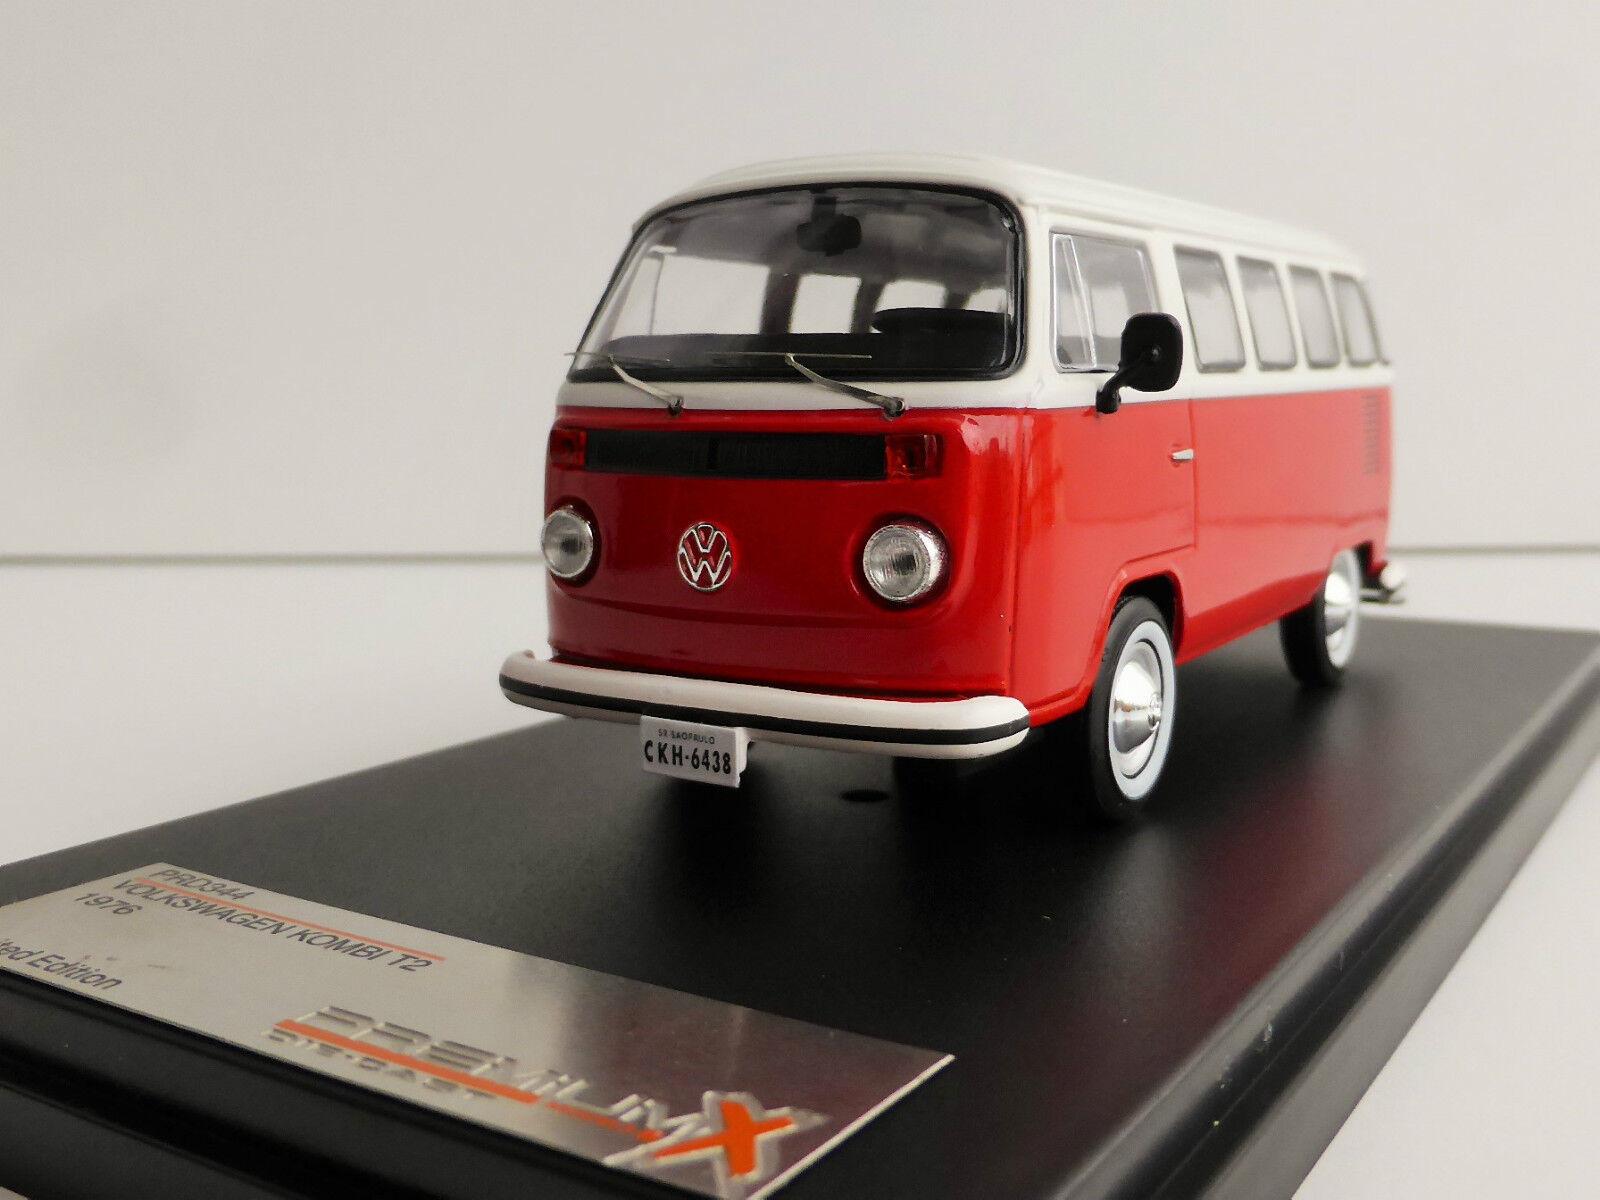 oferta especial VW t2 coche familiar 1976 rojo 1 1 1 43 Ixo Premiumx prd344 prxd344 Type autobús volkswagen matrícula  al precio mas bajo